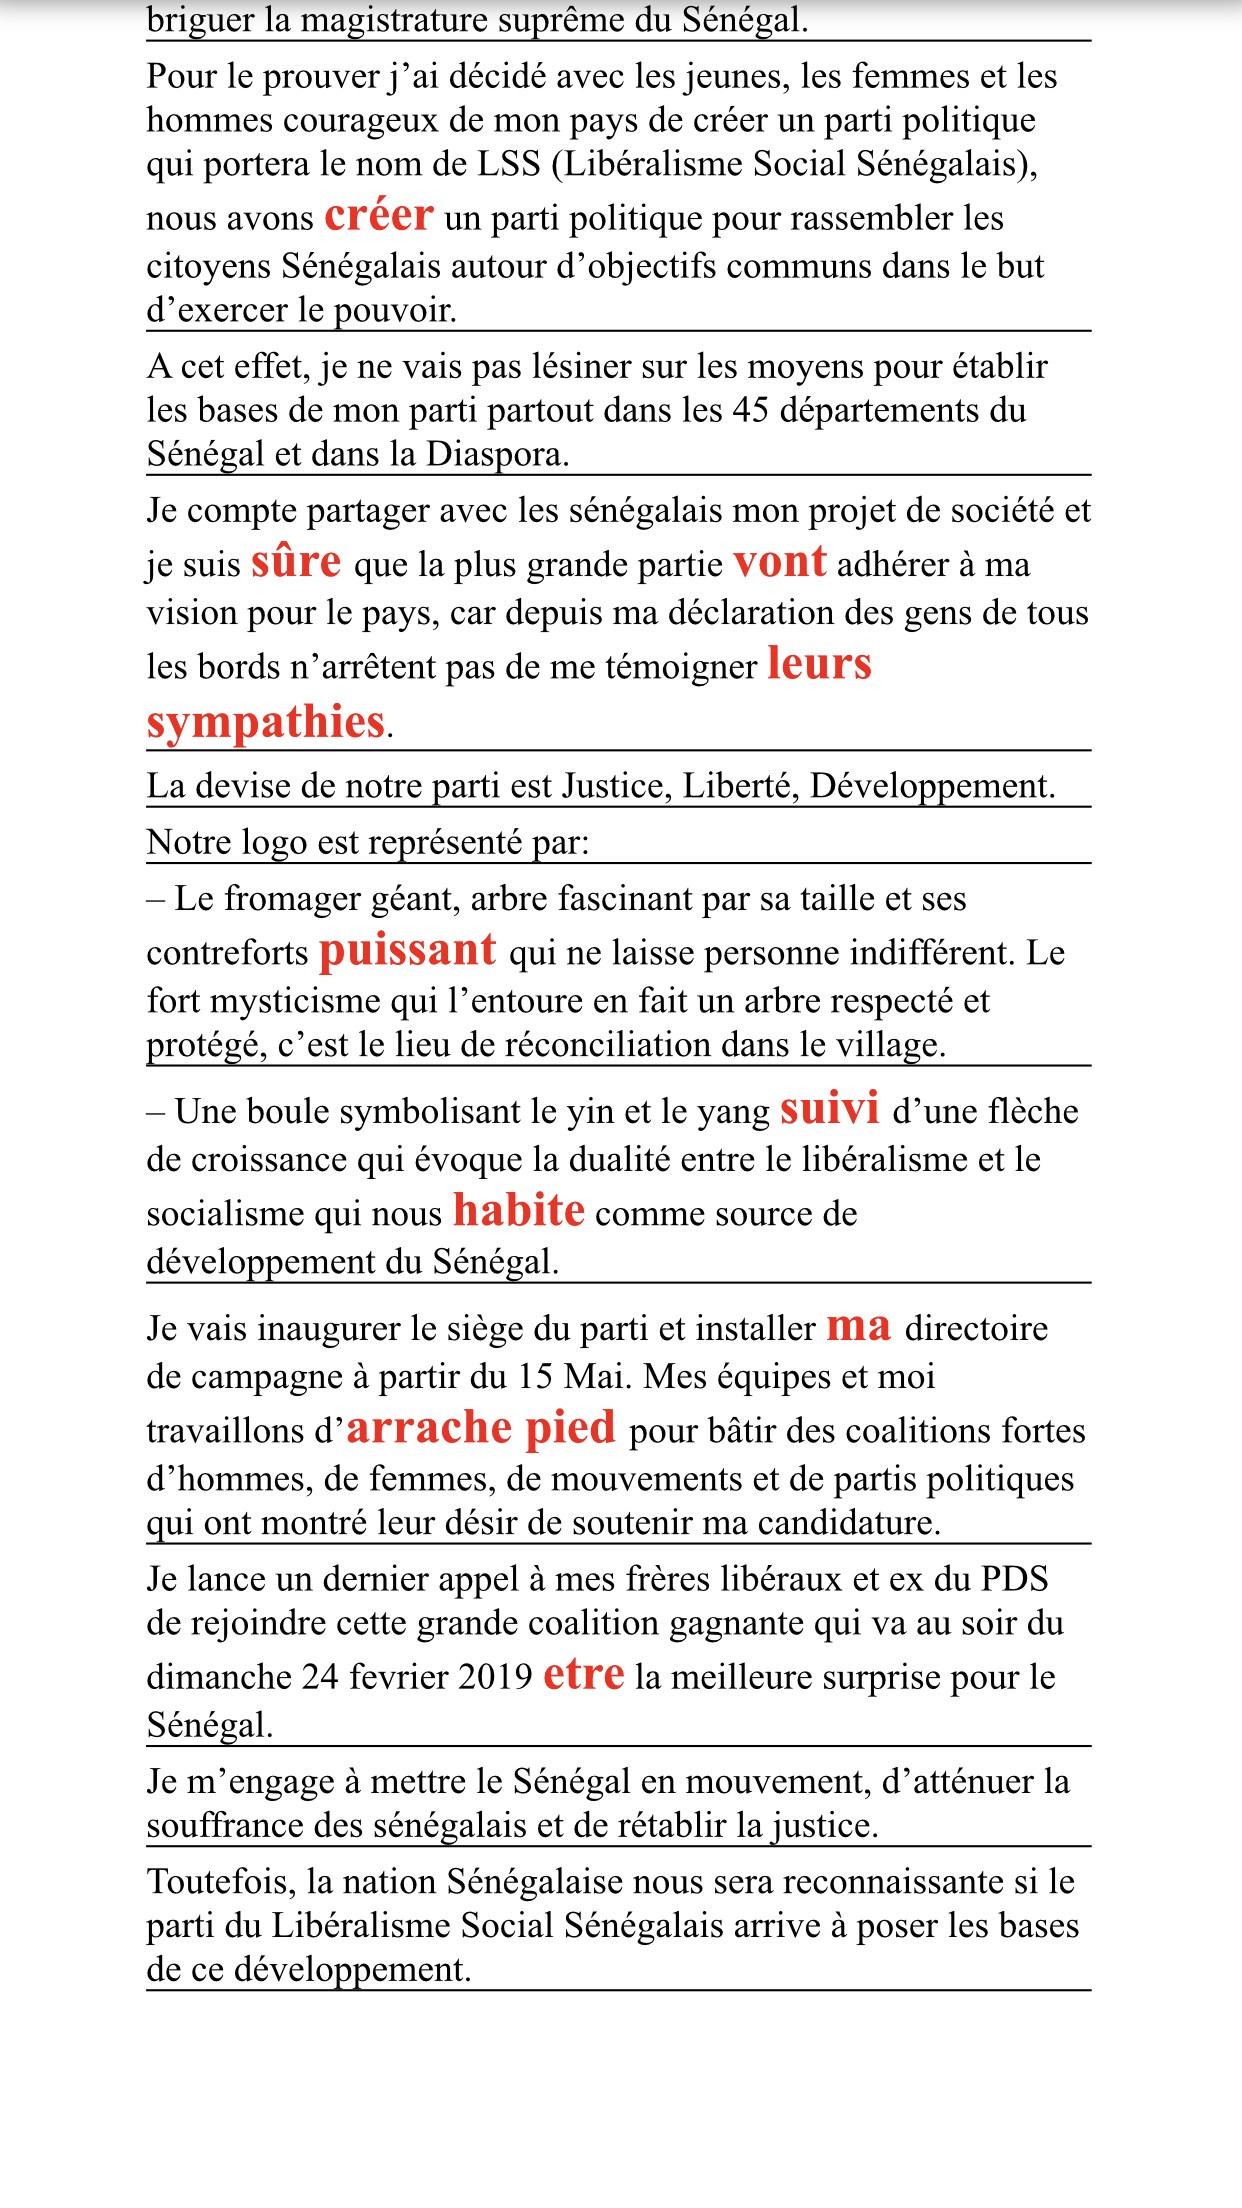 Samuel Sarr et ses quatorze fautes de français2